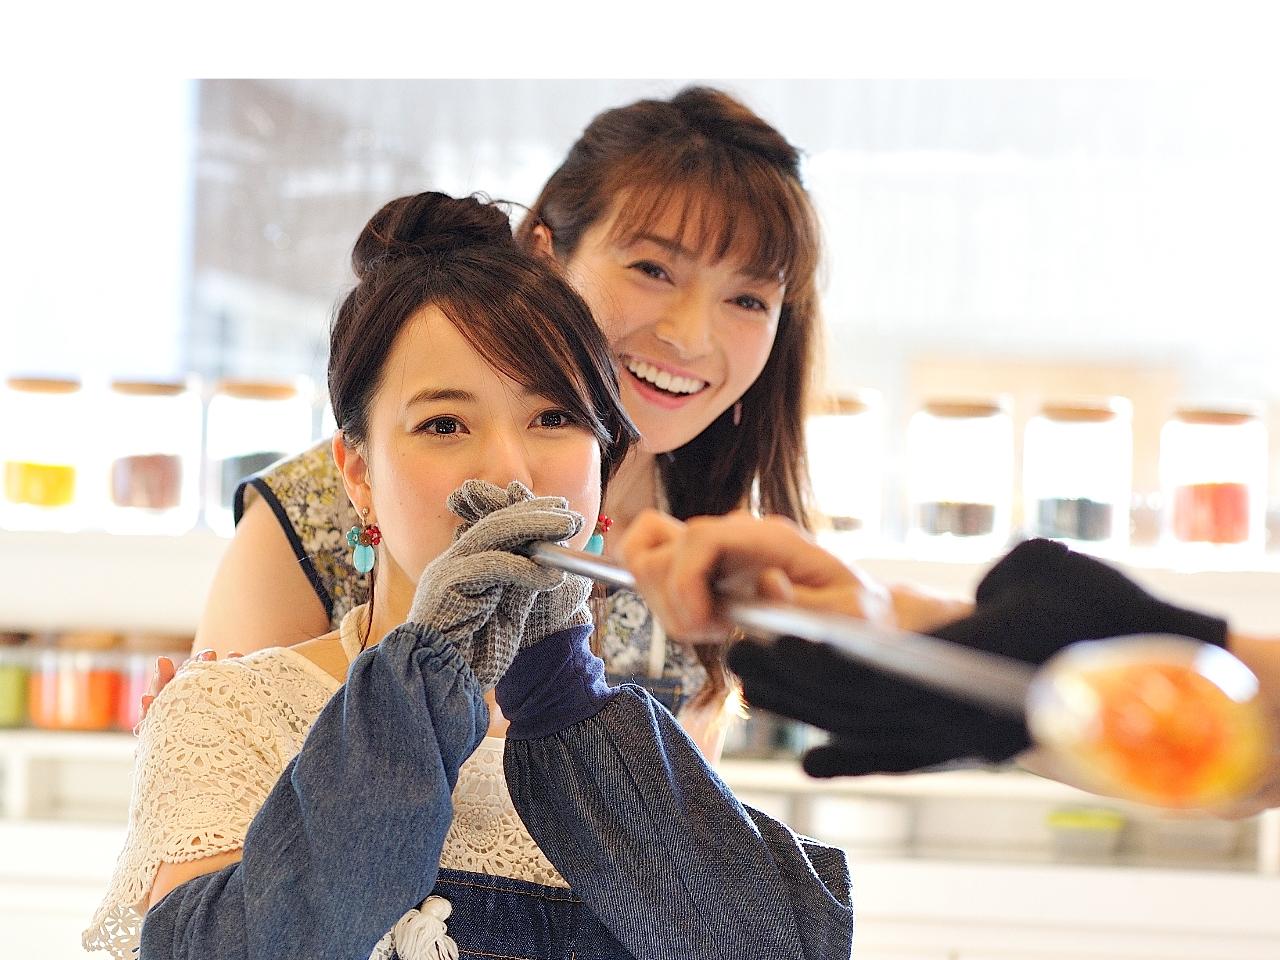 【伊豆高原・吹きガラス体験】ガラスをぷく~っと膨らませて作るコップ作り♪♪♪